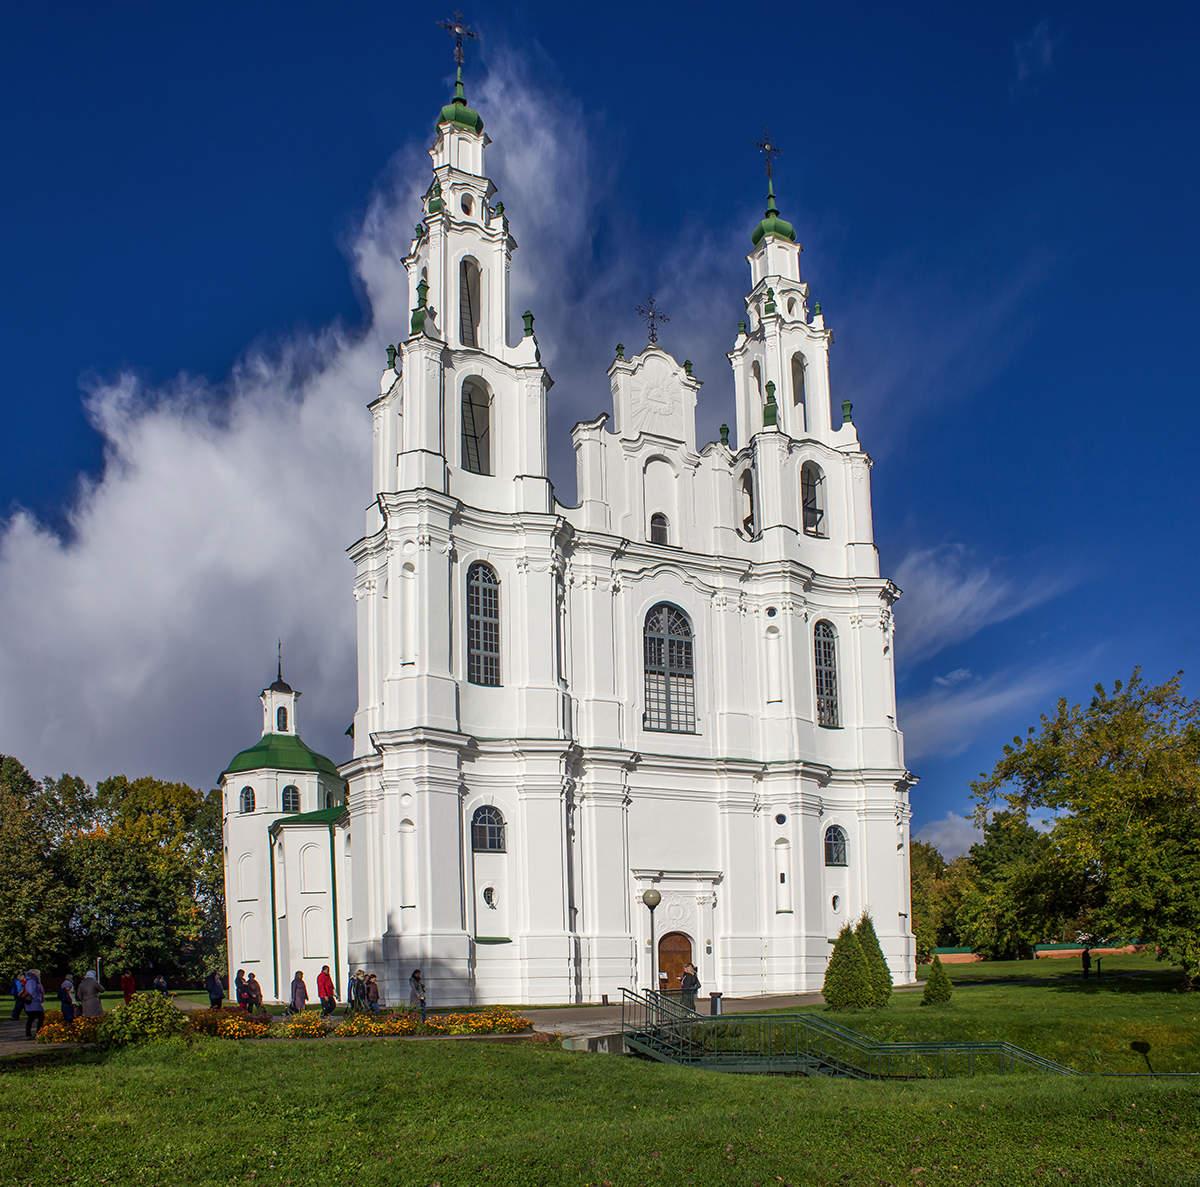 Картинка свято михайловский собор ижевск этого они